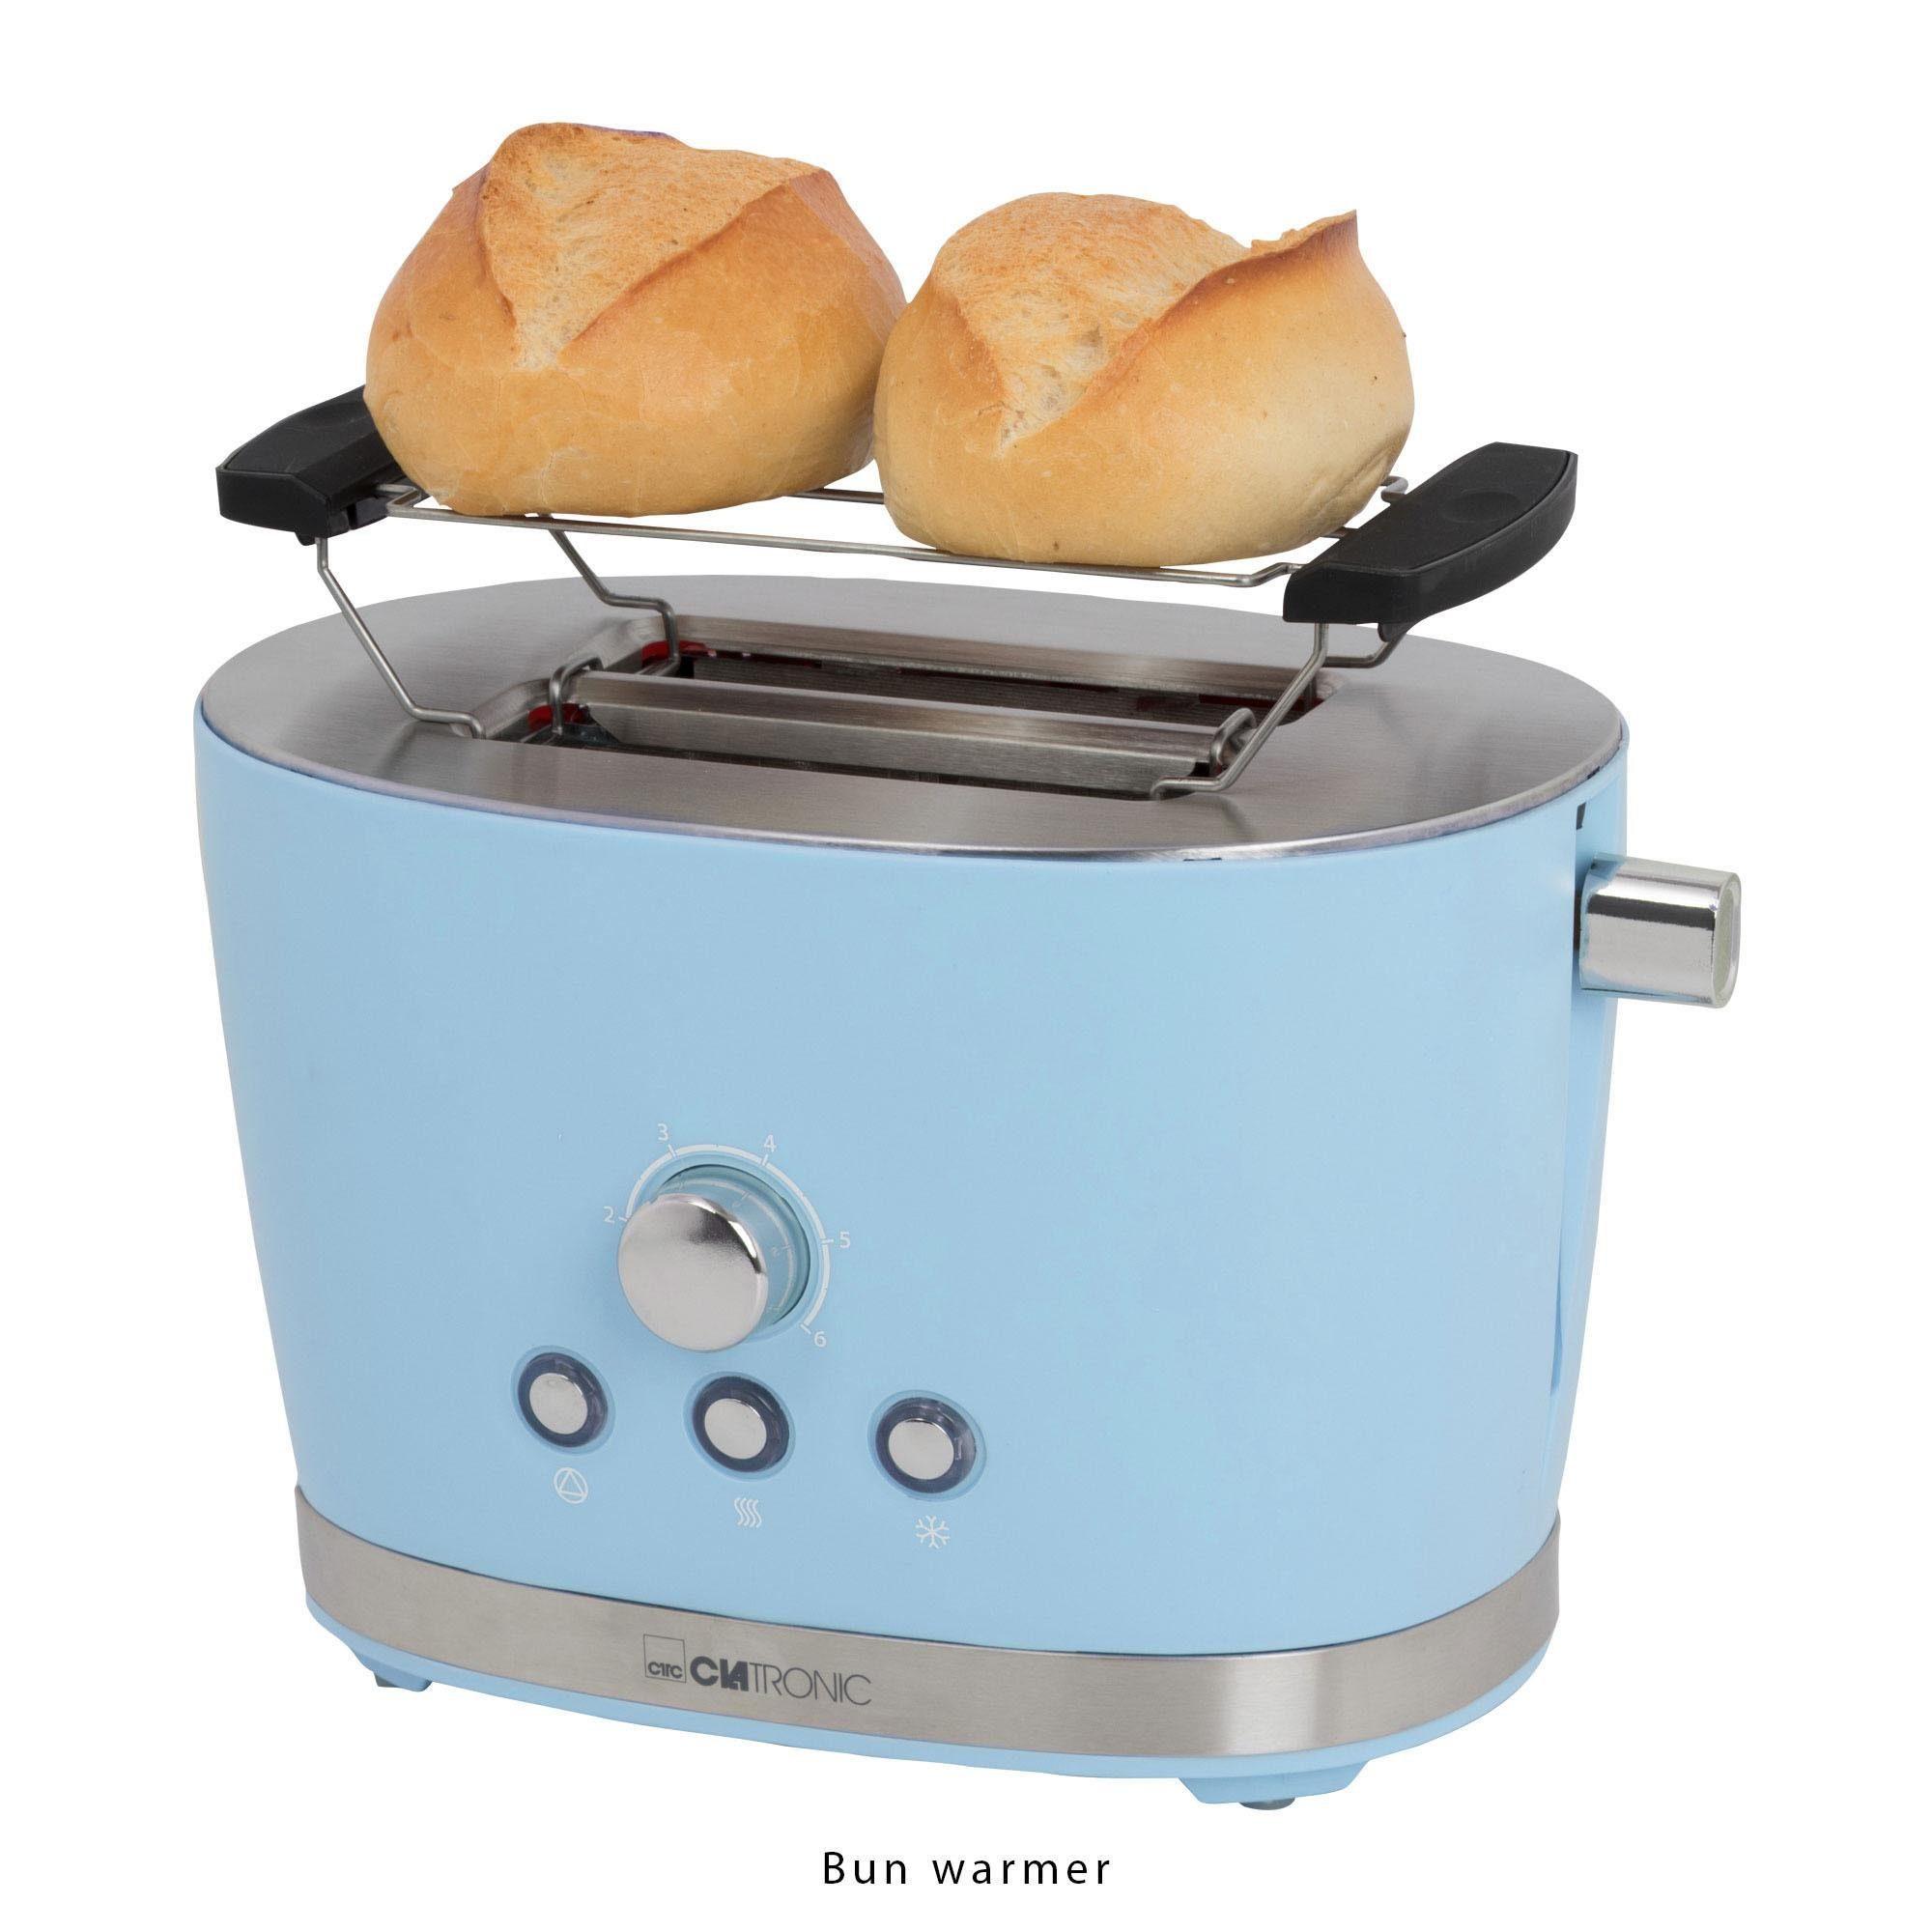 CLATRONIC Toaster TA 3690 blau, 2 kurze Schlitze, für 2 Scheiben, 850 W